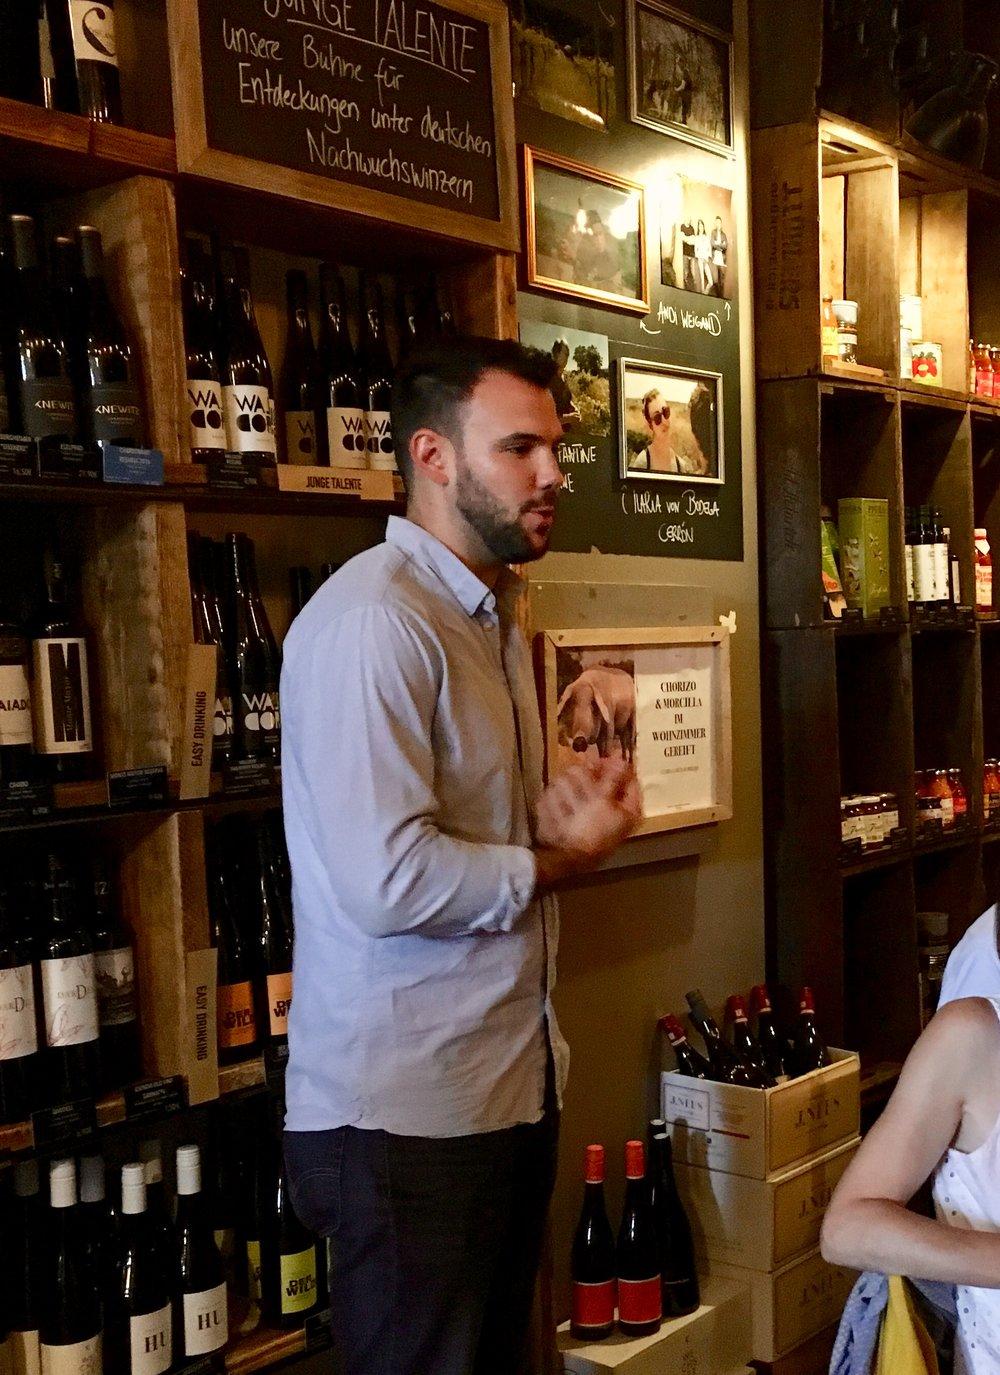 Spätburgunder Weinabend - Mit Winzer Lewis Schmitt vom Weingut J. Neus haben wir die ganze Bandbreite seine Weine ausprobiert, der Abend war nicht komplett dem Pinot Noir gewidmet und wir durften seinen fantastischen Chardonnary, Weißburgunder probieren. Ein Schmaus!